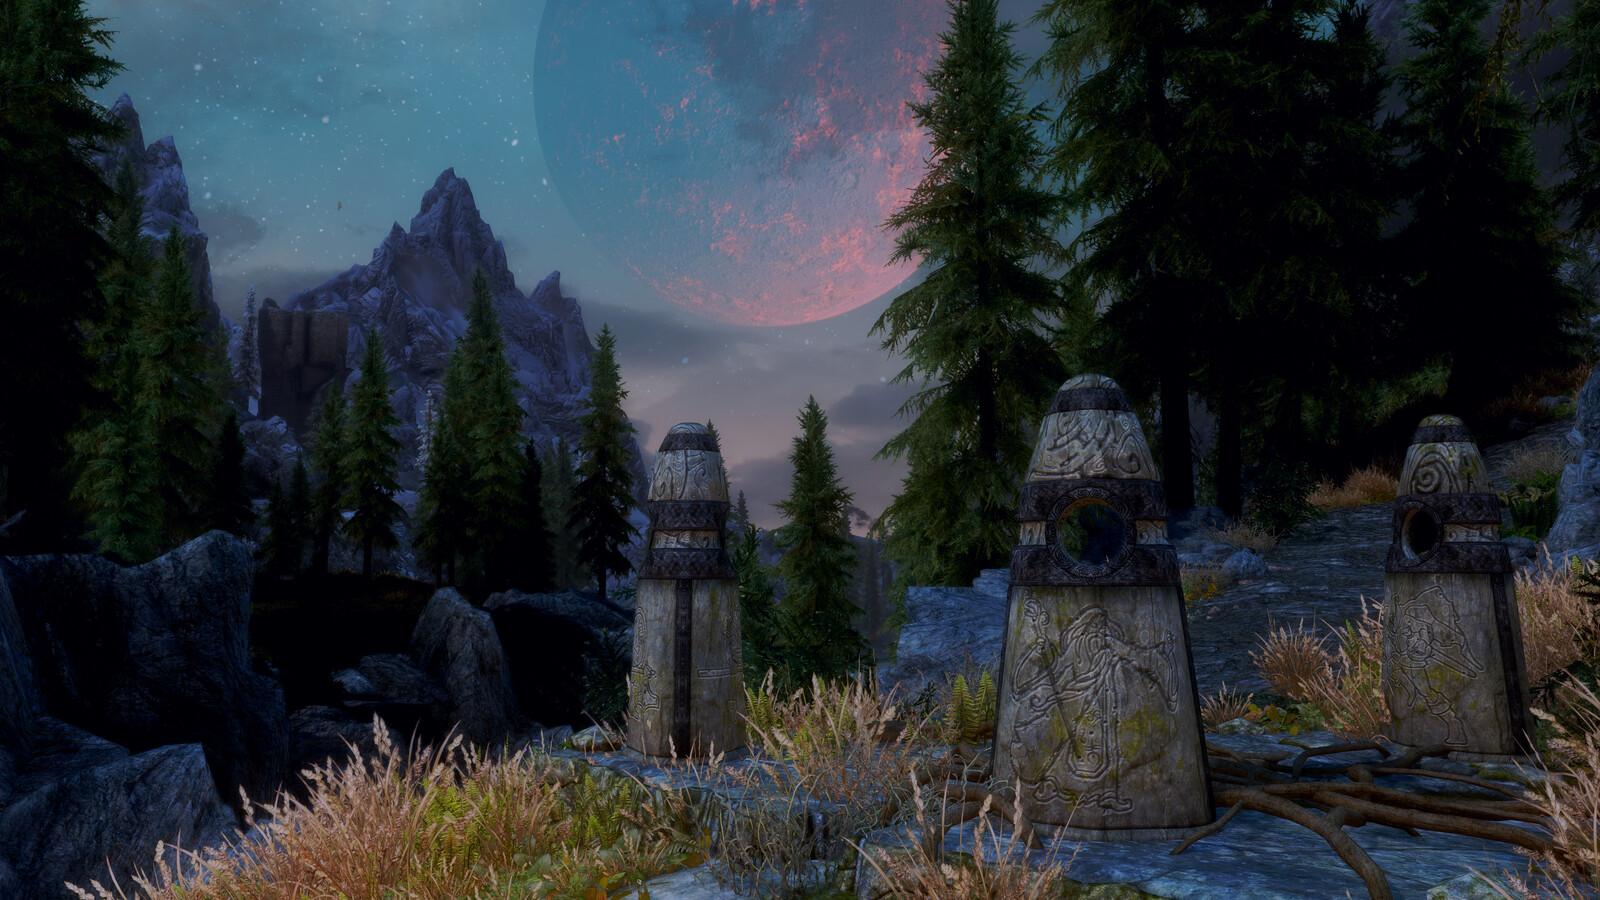 Skyrim (Bethesda Game Studios)